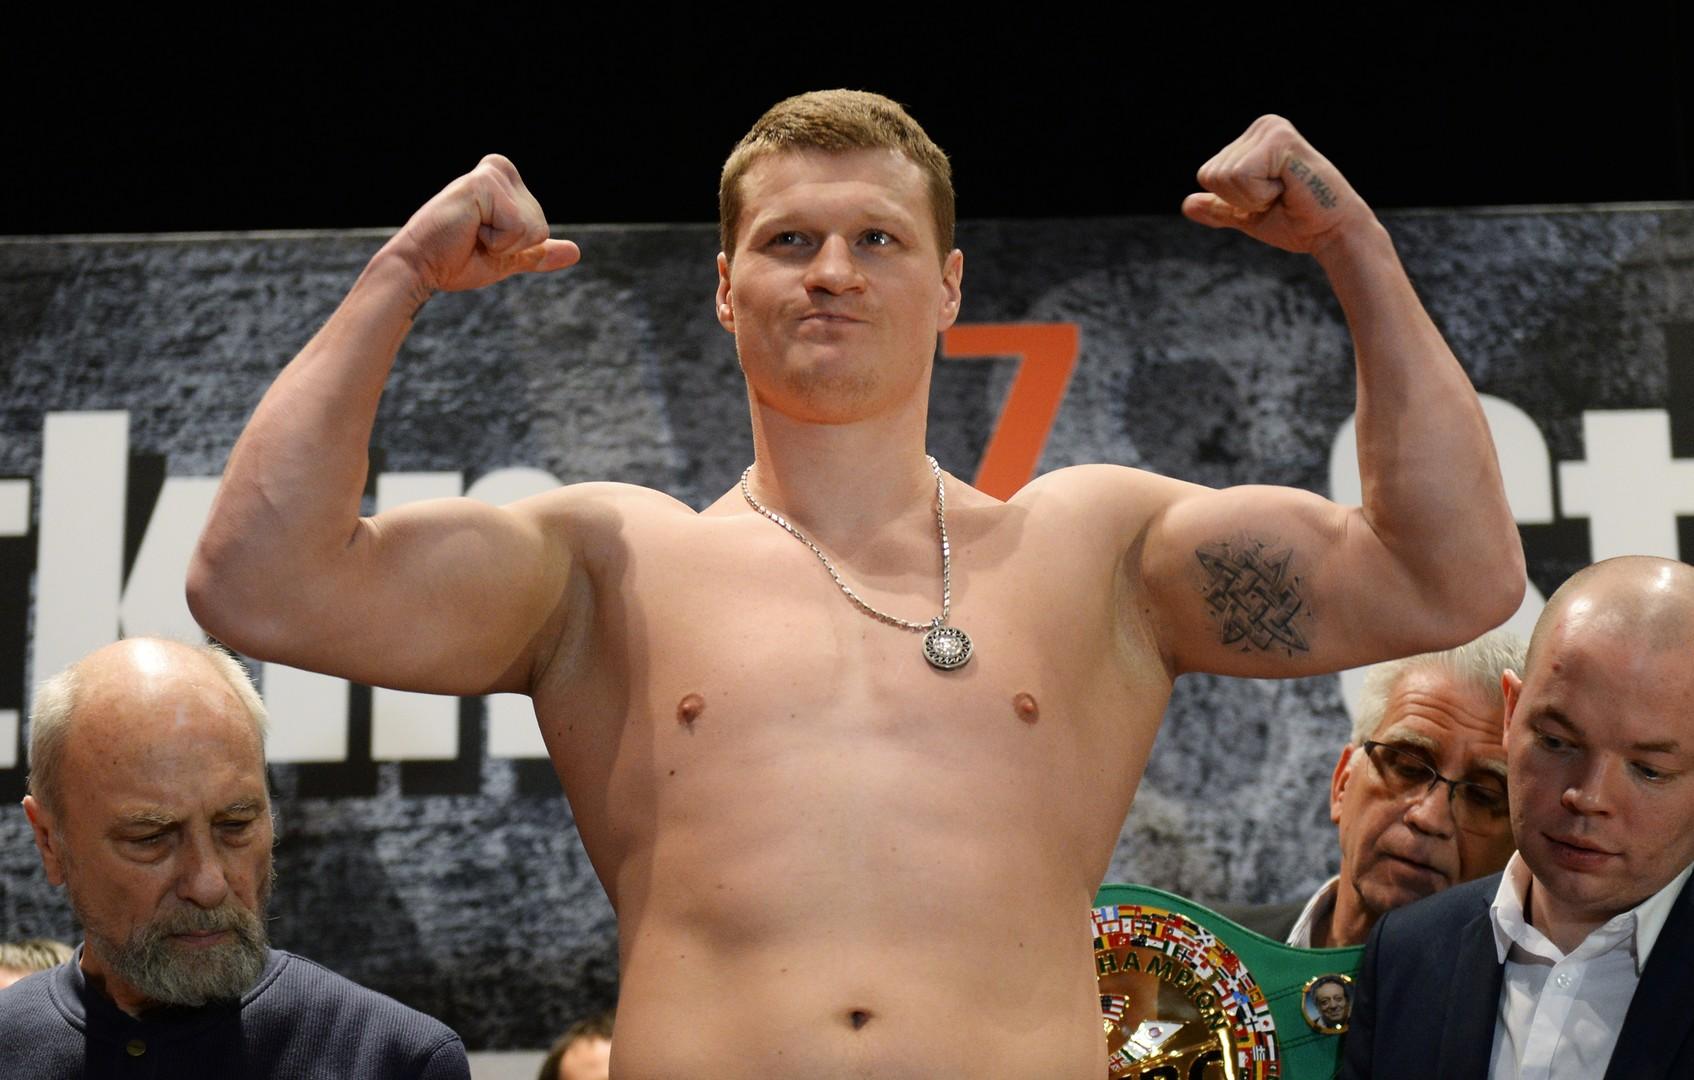 «Совпадение странных фактов»: реакция боксёрского сообщества на допинг у Поветкина